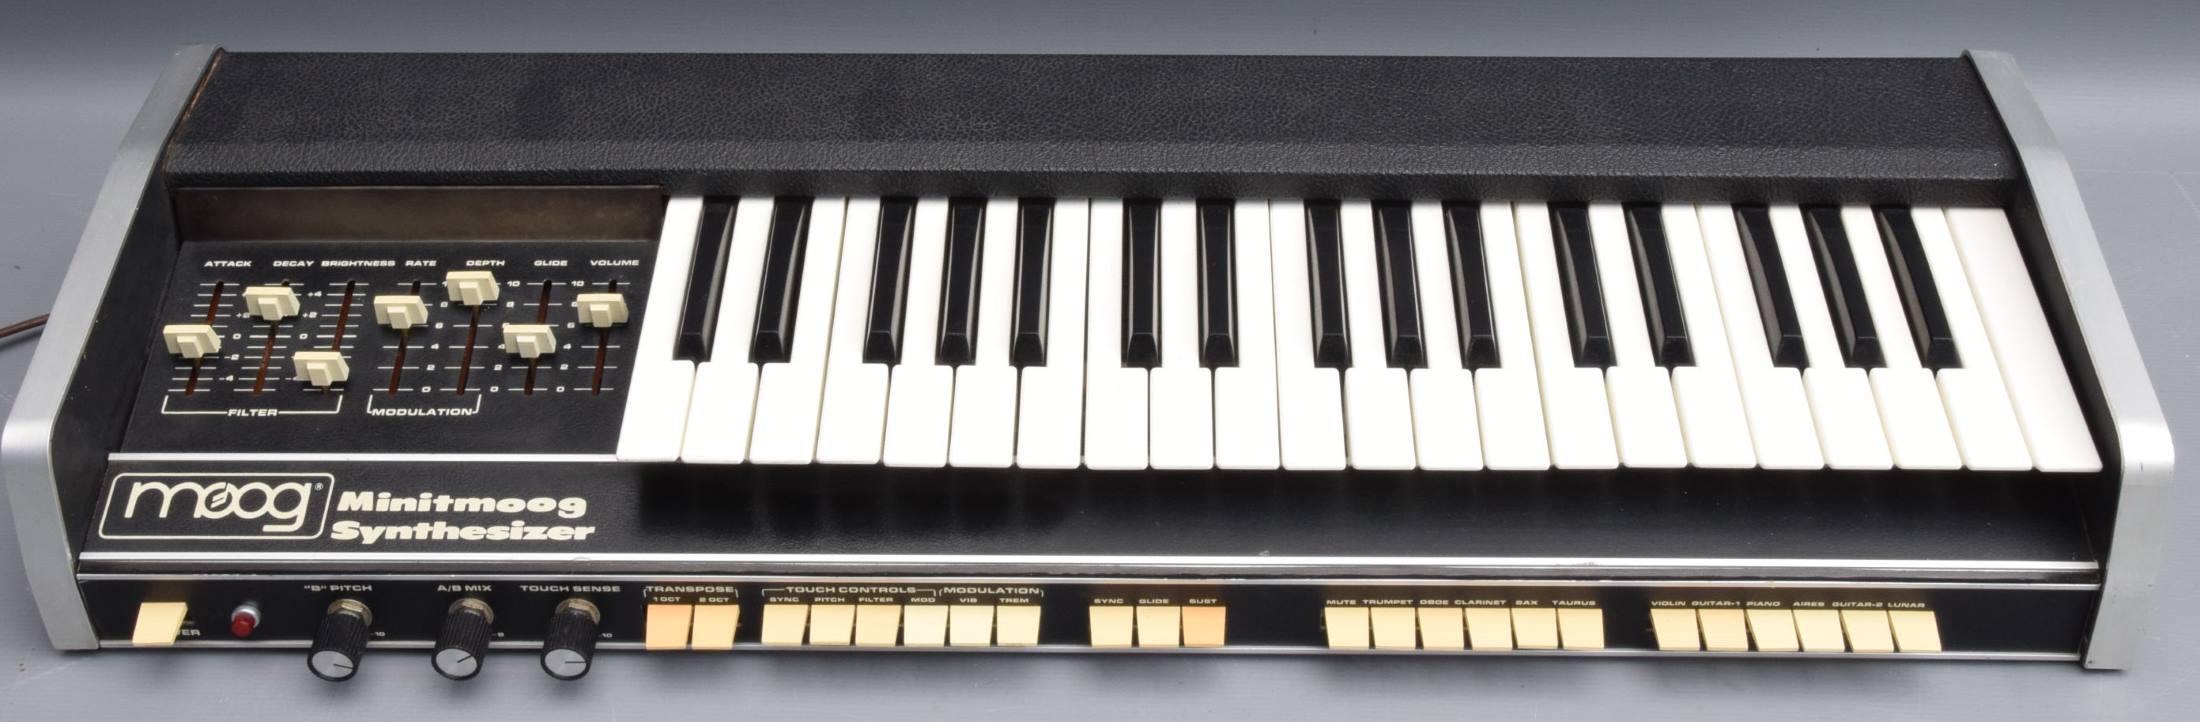 spheremusic bargain or auction detail Moog Prodigy Moog Minitmoog